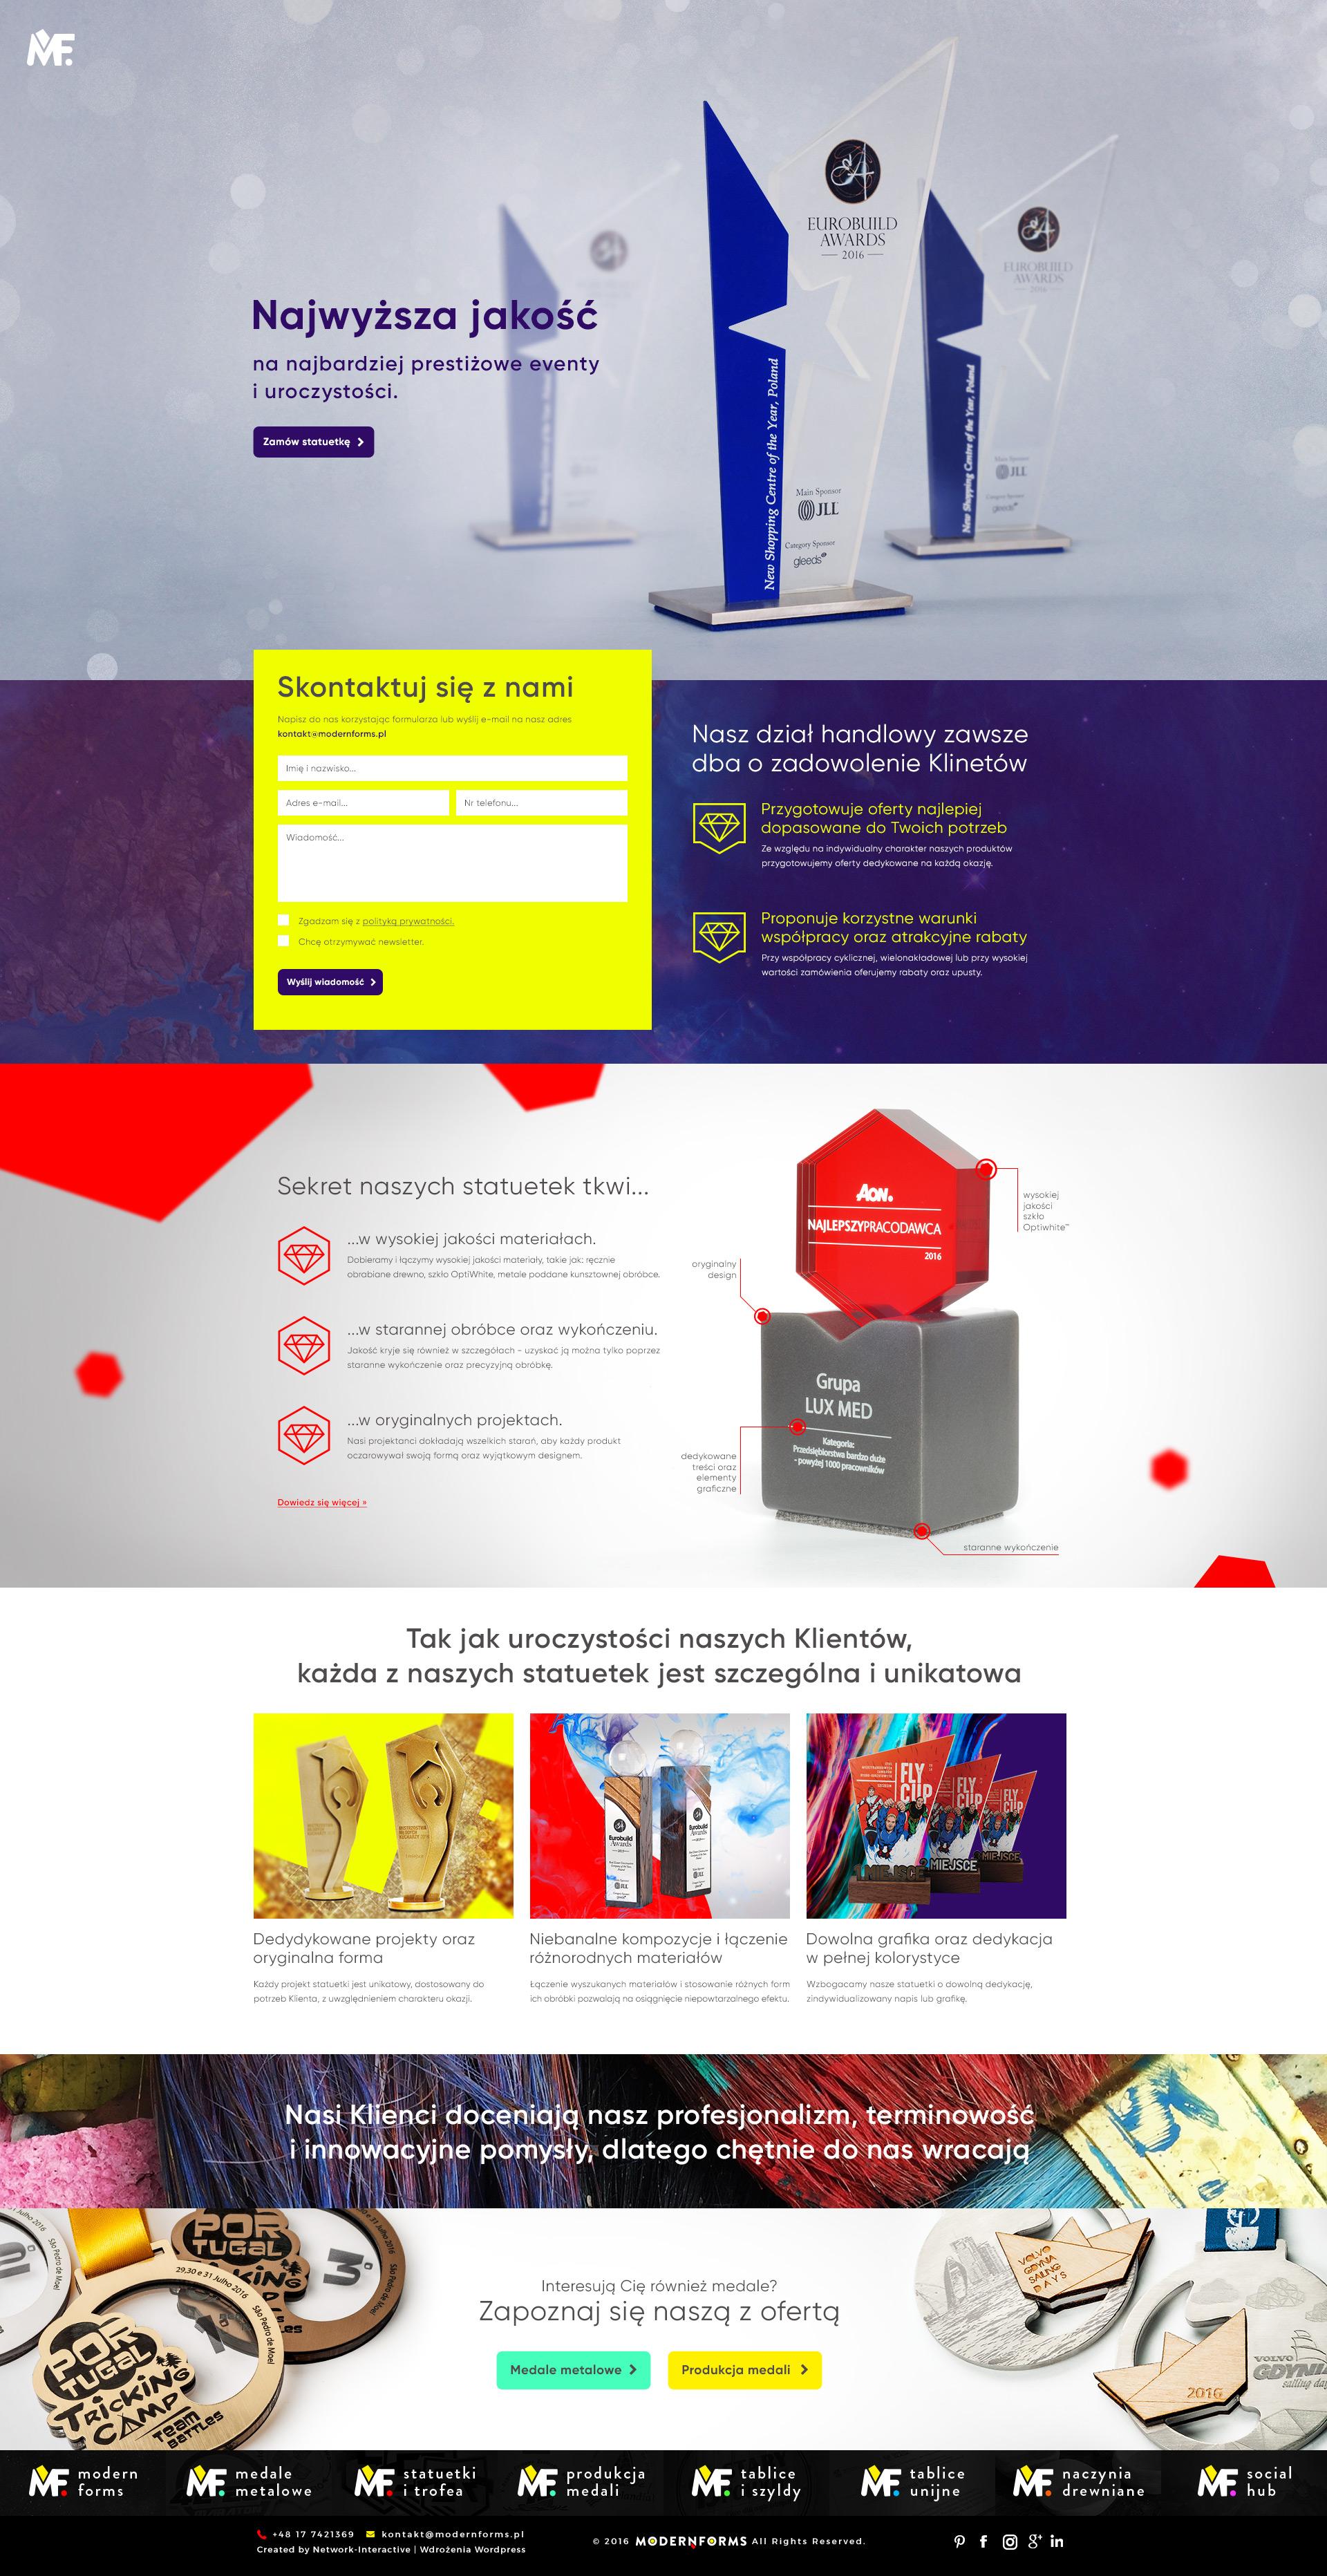 Landing Page pod kampanie JAKOŚĆ - Modern Forms